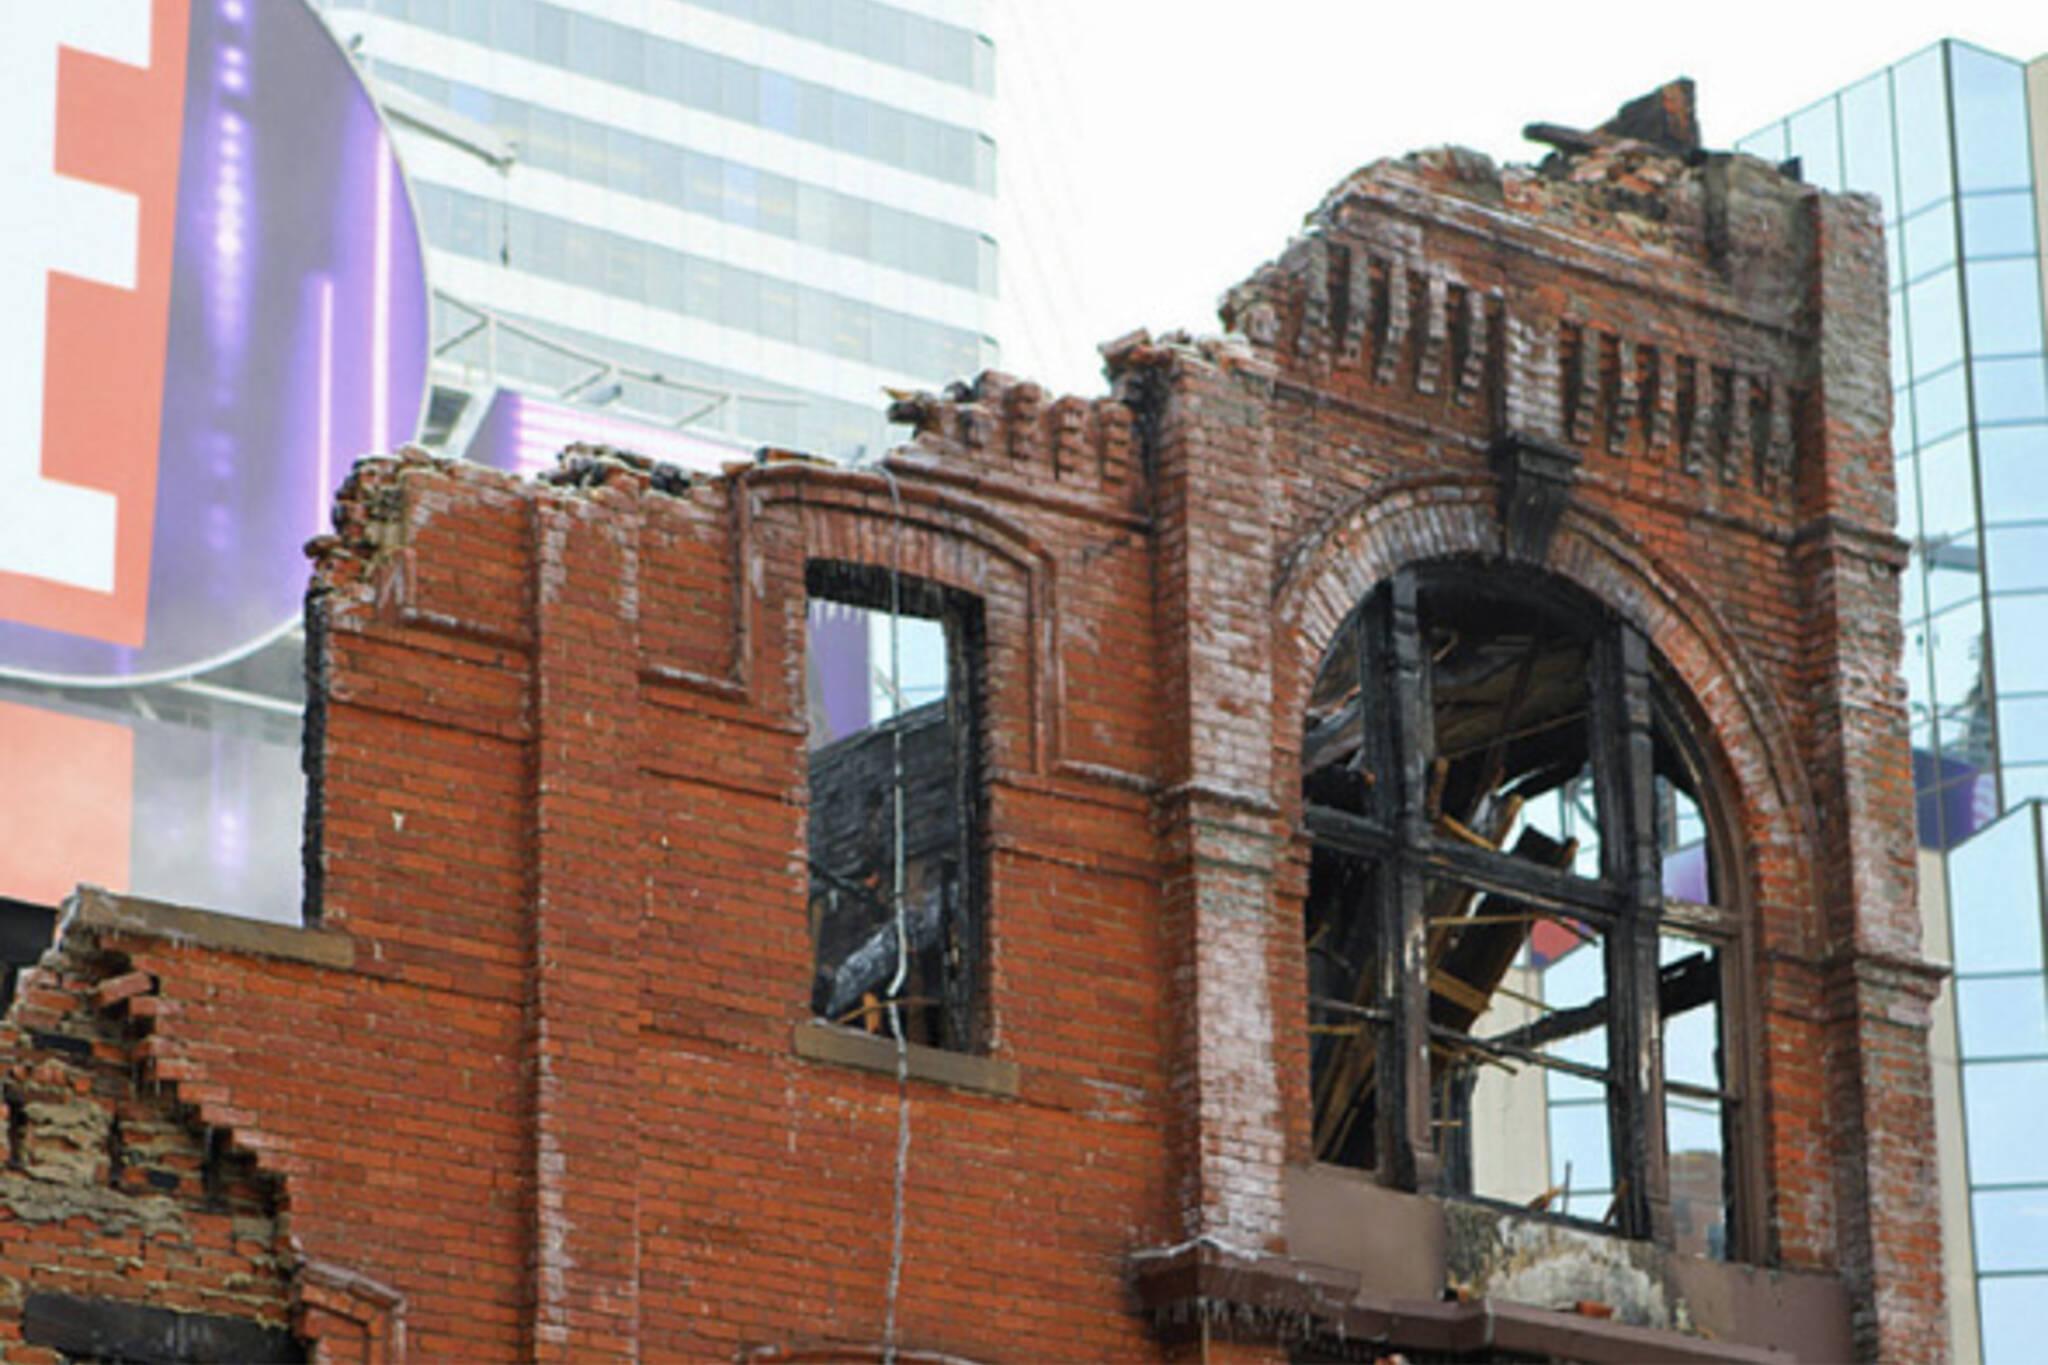 Yonge Gould Fire Building